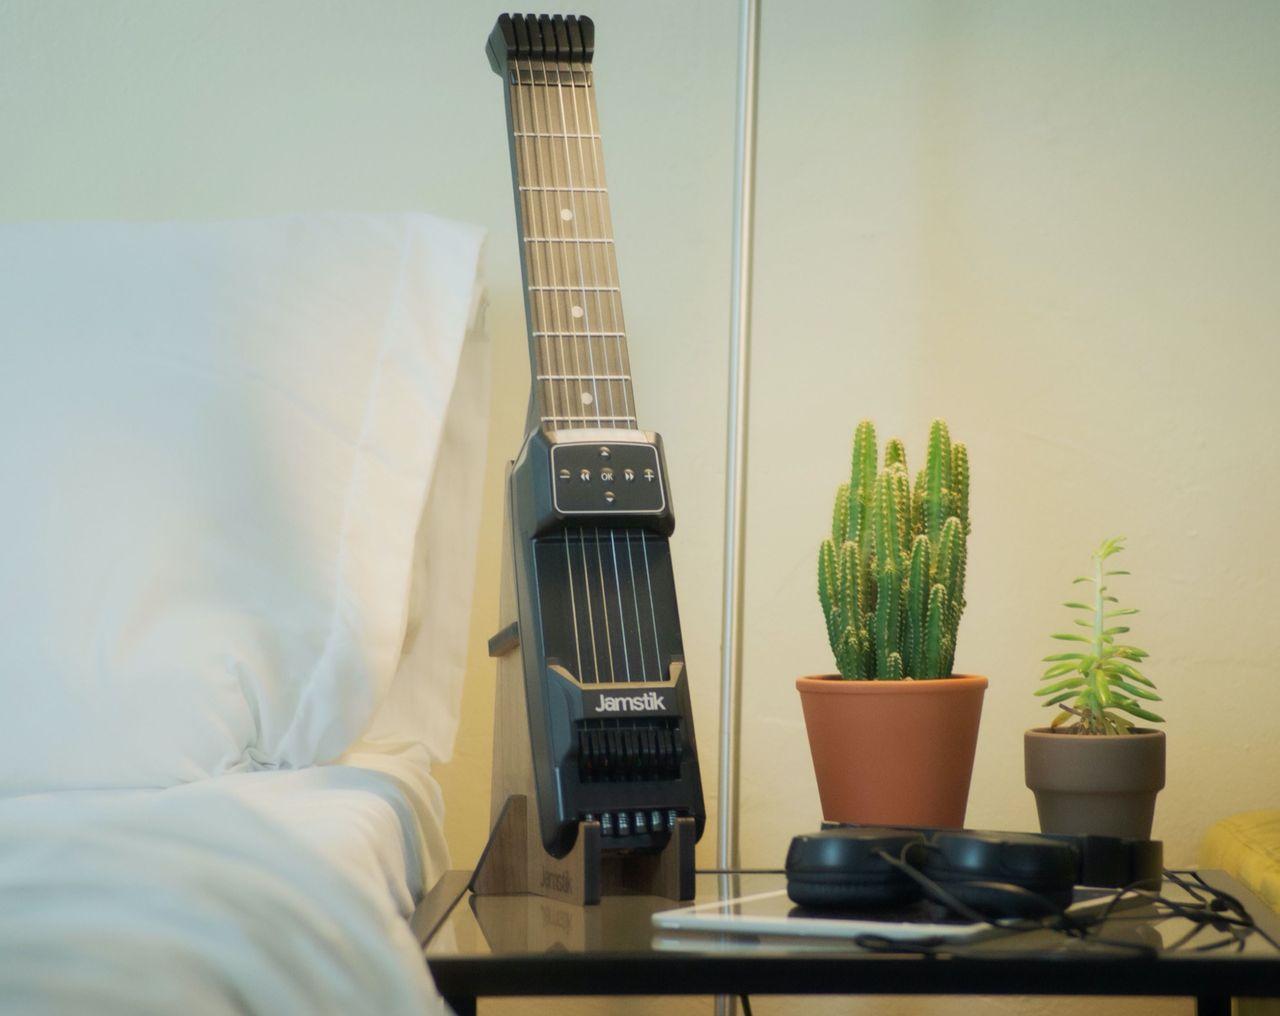 Lär dig spela gitarr med Jamstick